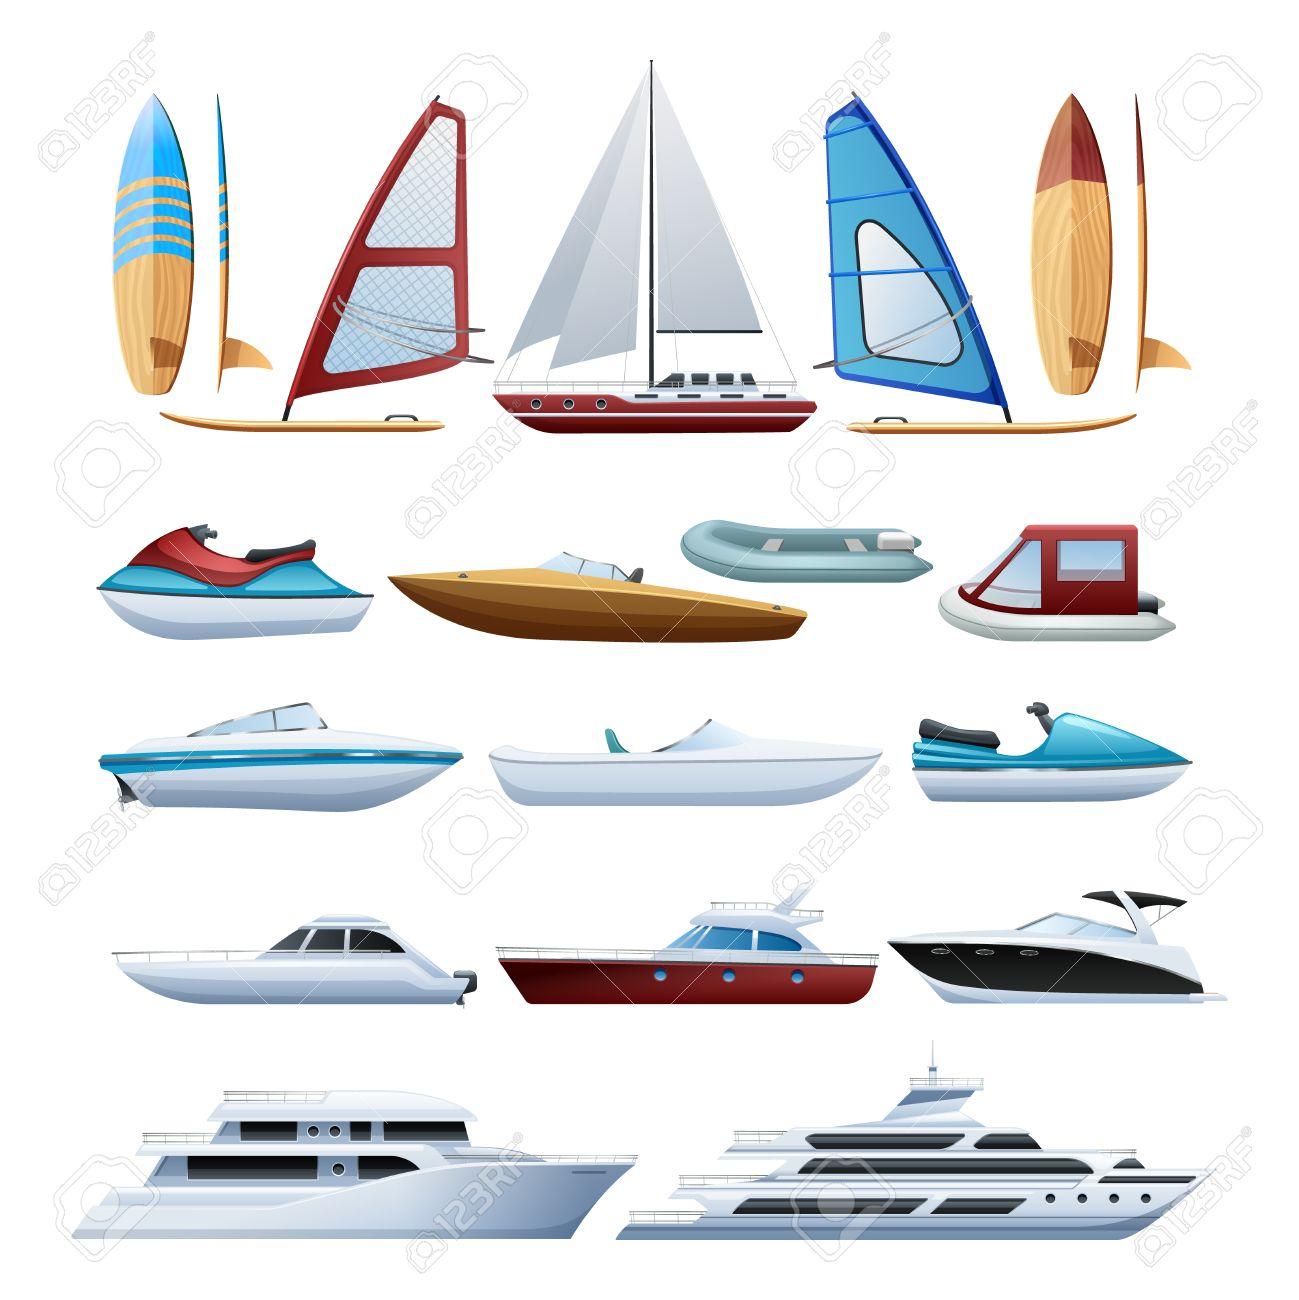 motor boats catamaran windsurfer and sailboat various types of